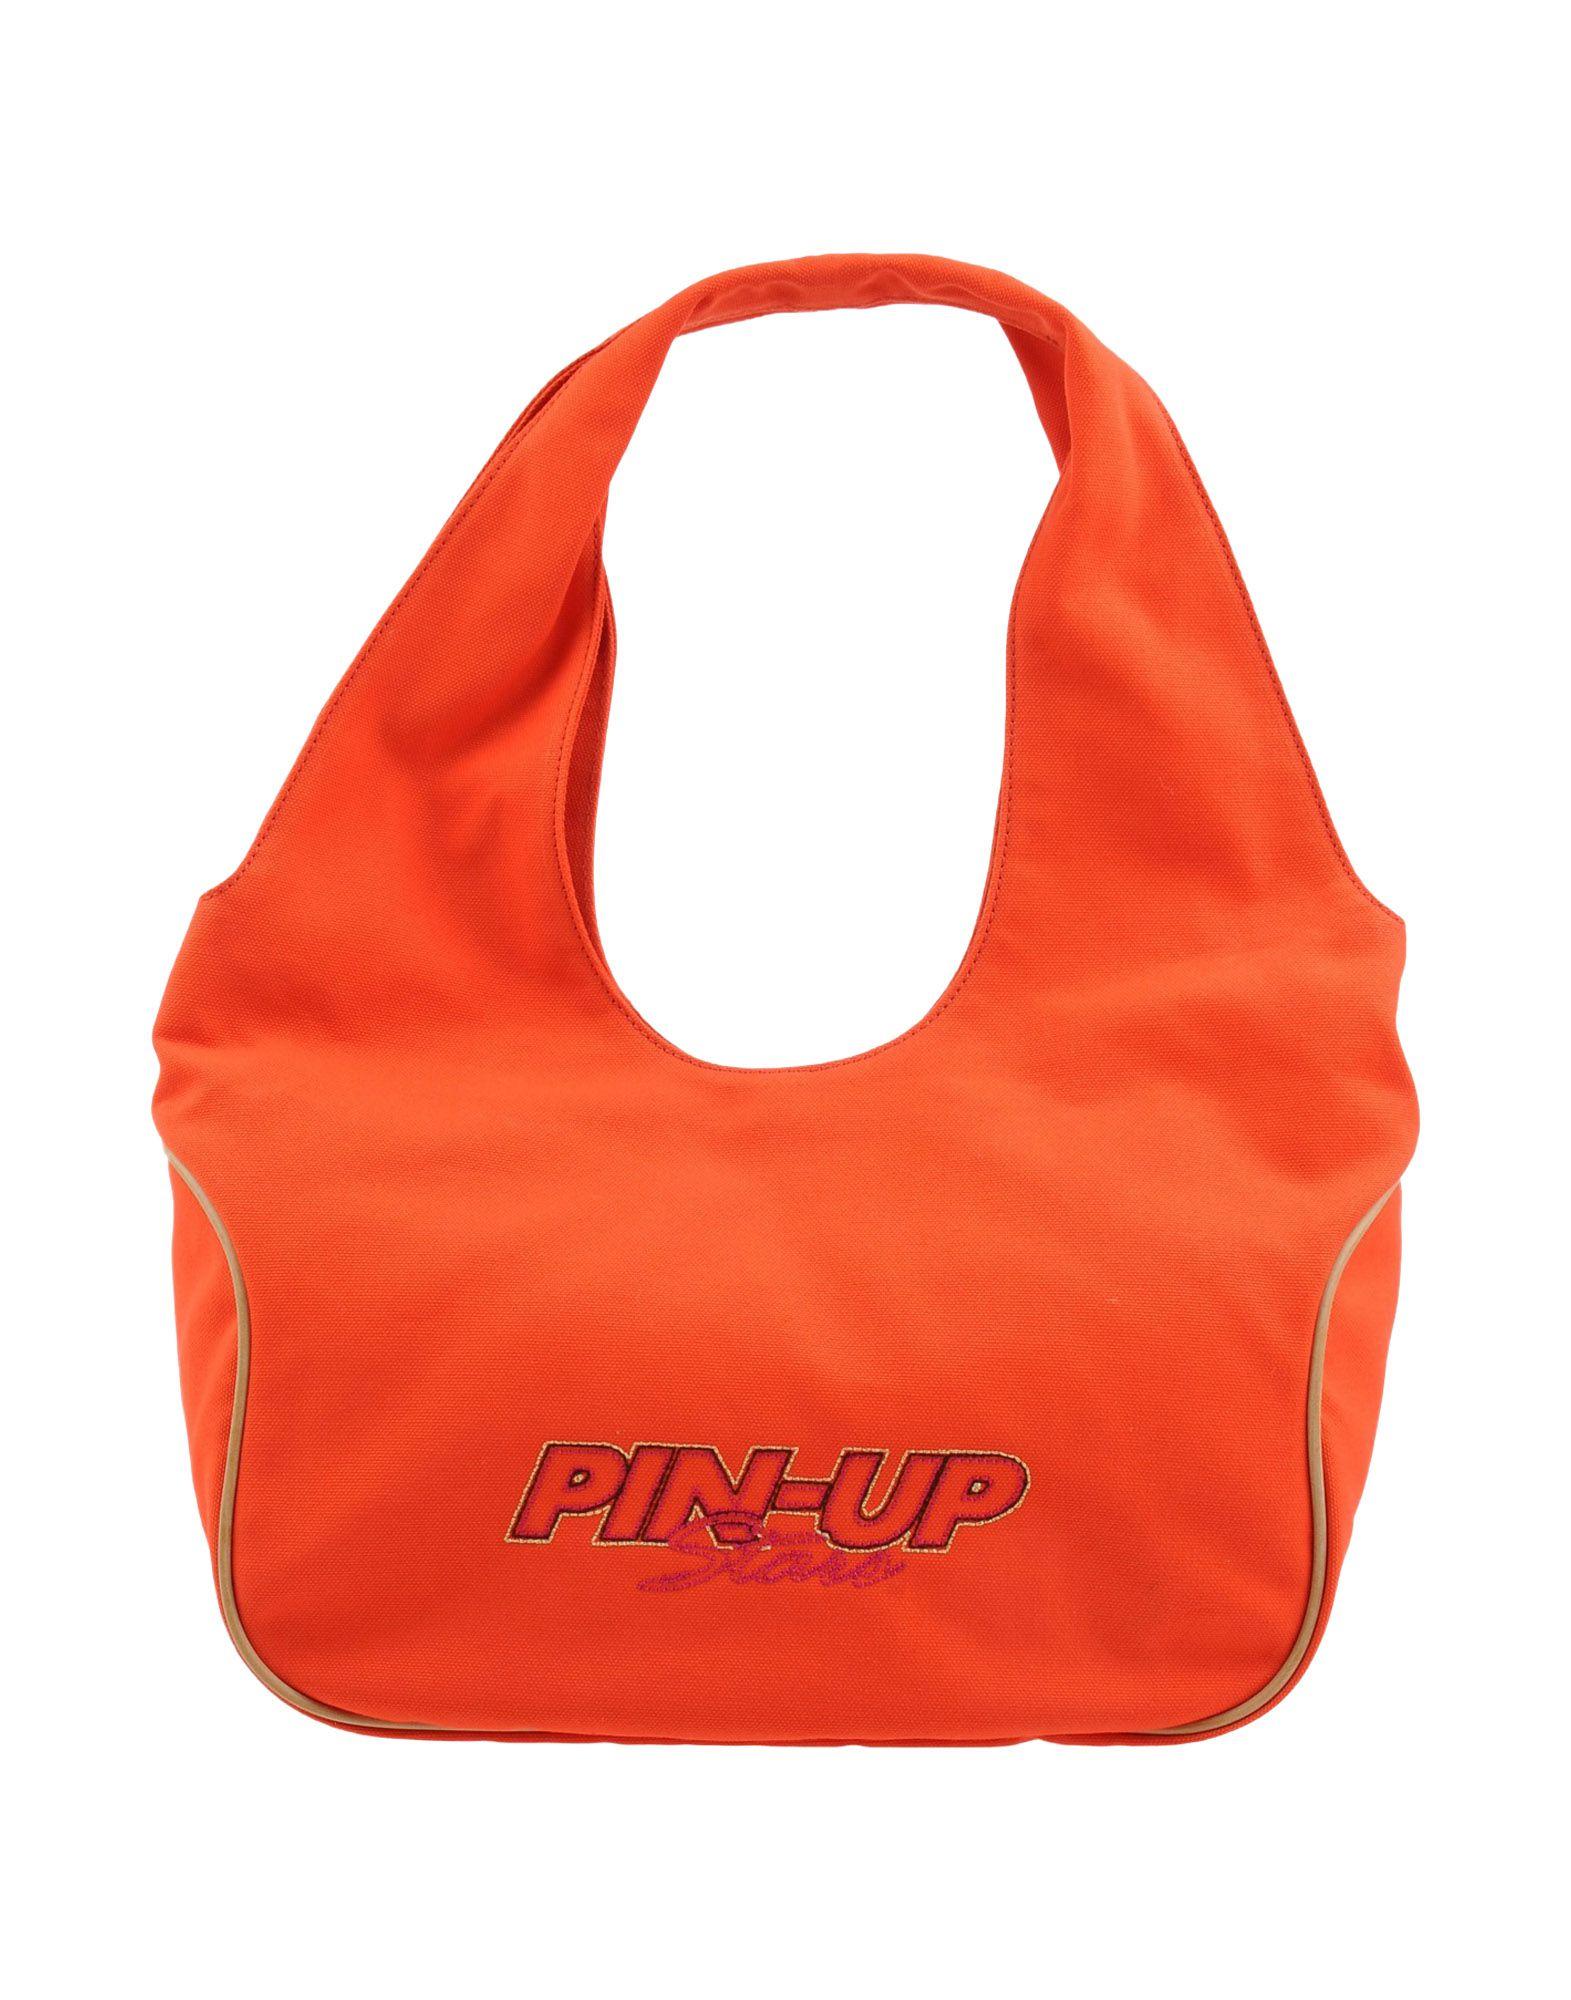 PIN UP STARS Damen Schultertasche Farbe Orange Größe 1